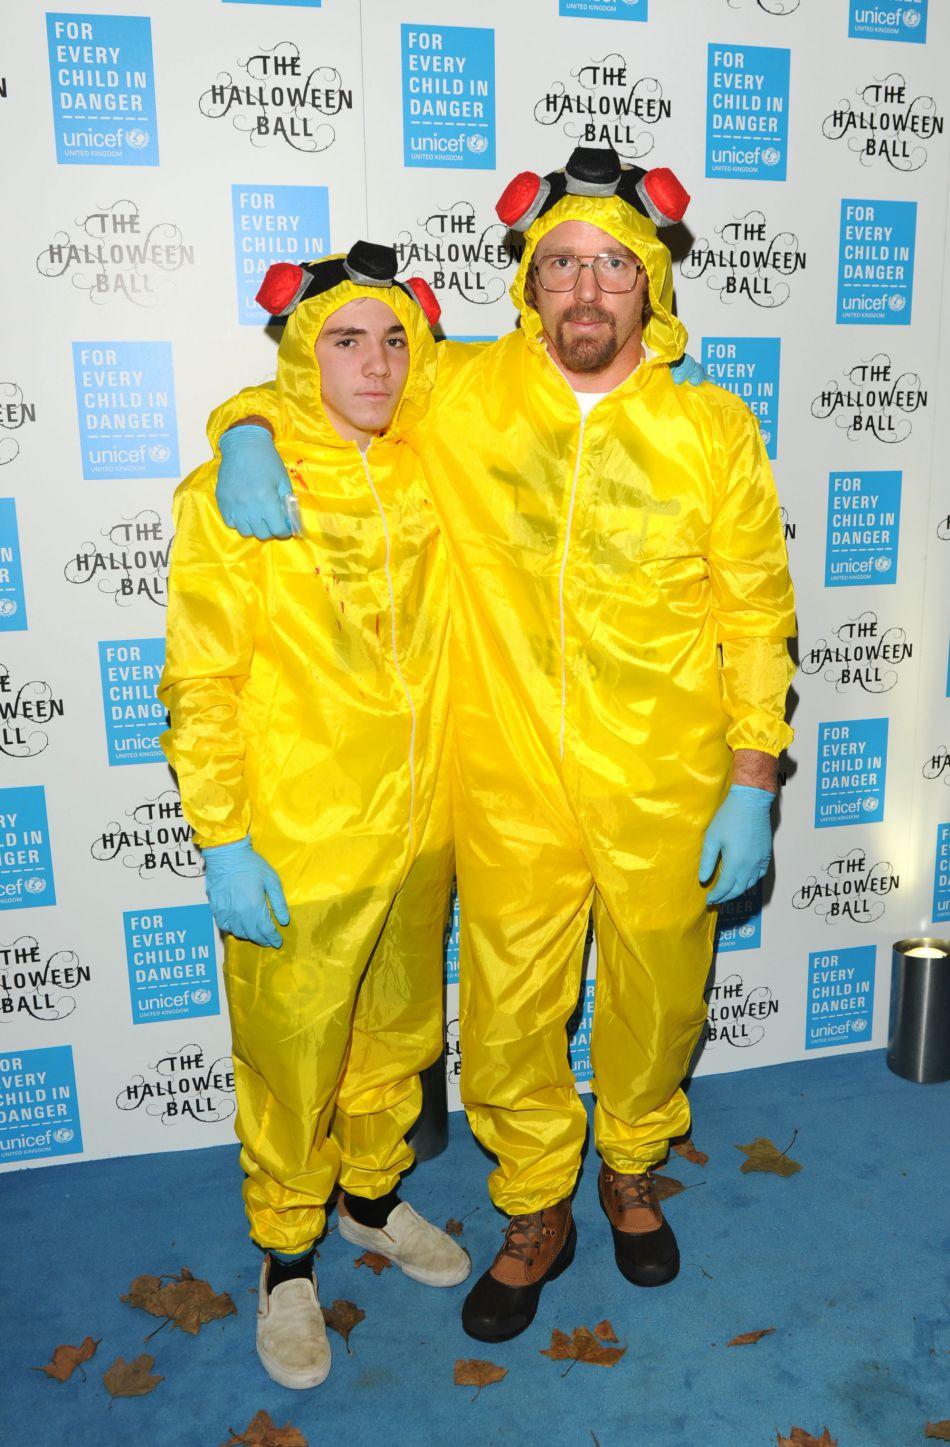 Les deux hommes semblent complices. Ici ils étaient déguisés pour Halloween !